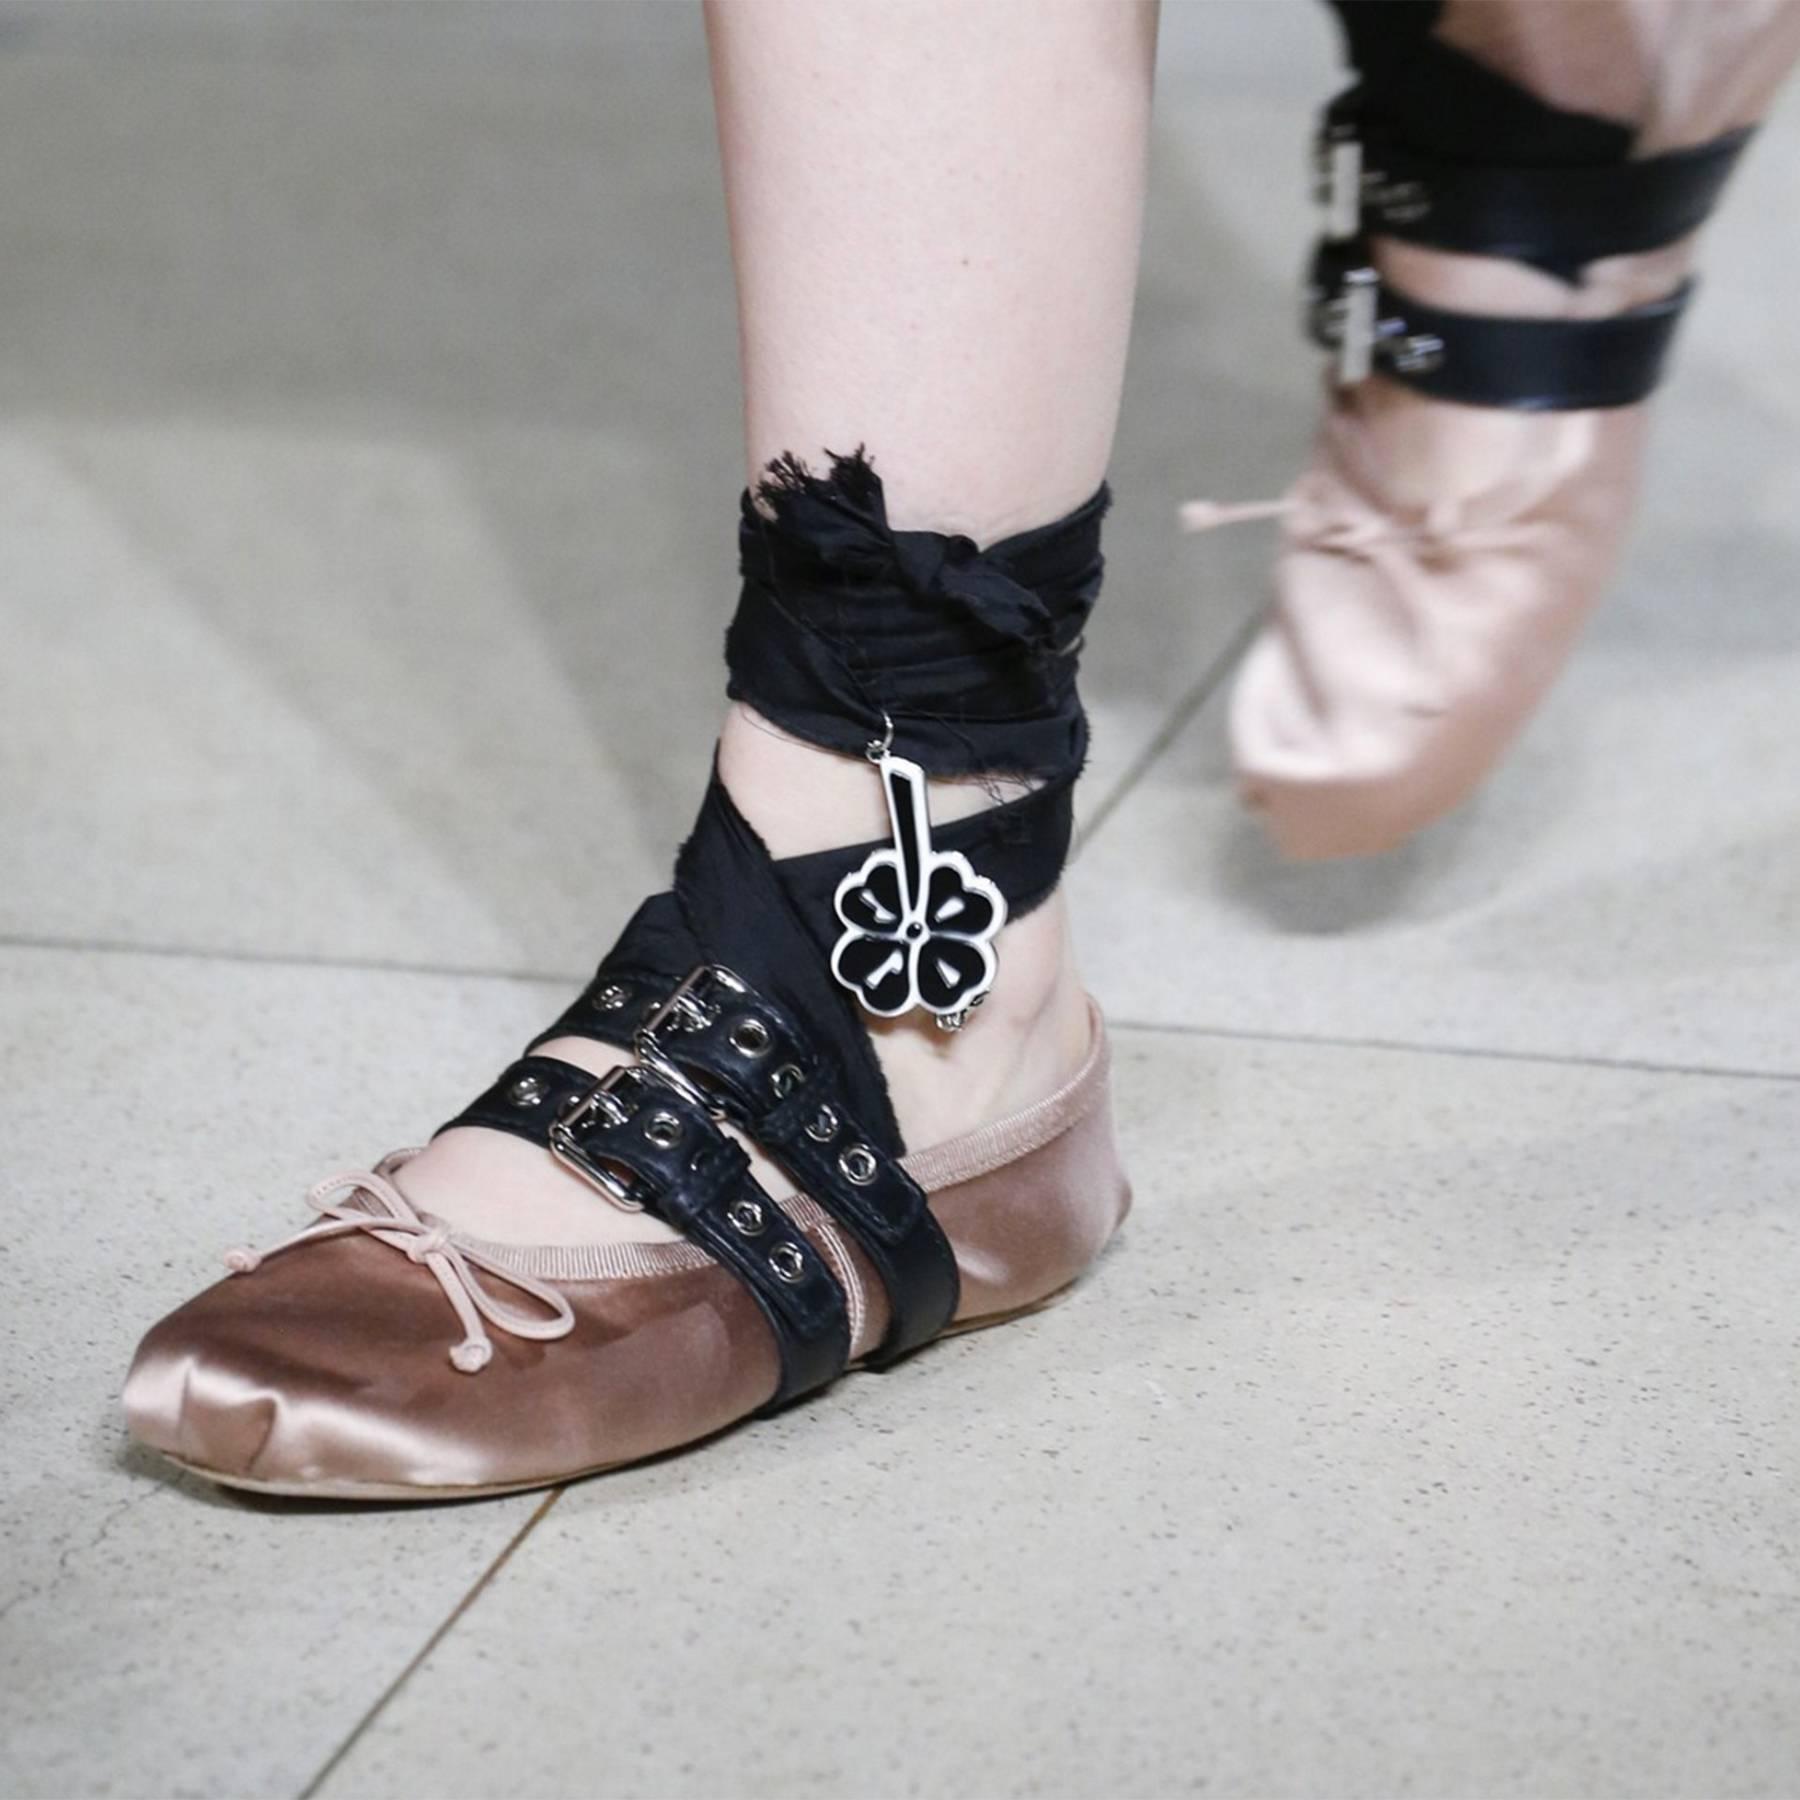 Miu Miu ballet pumps DIY guide  e584d551c0bb2